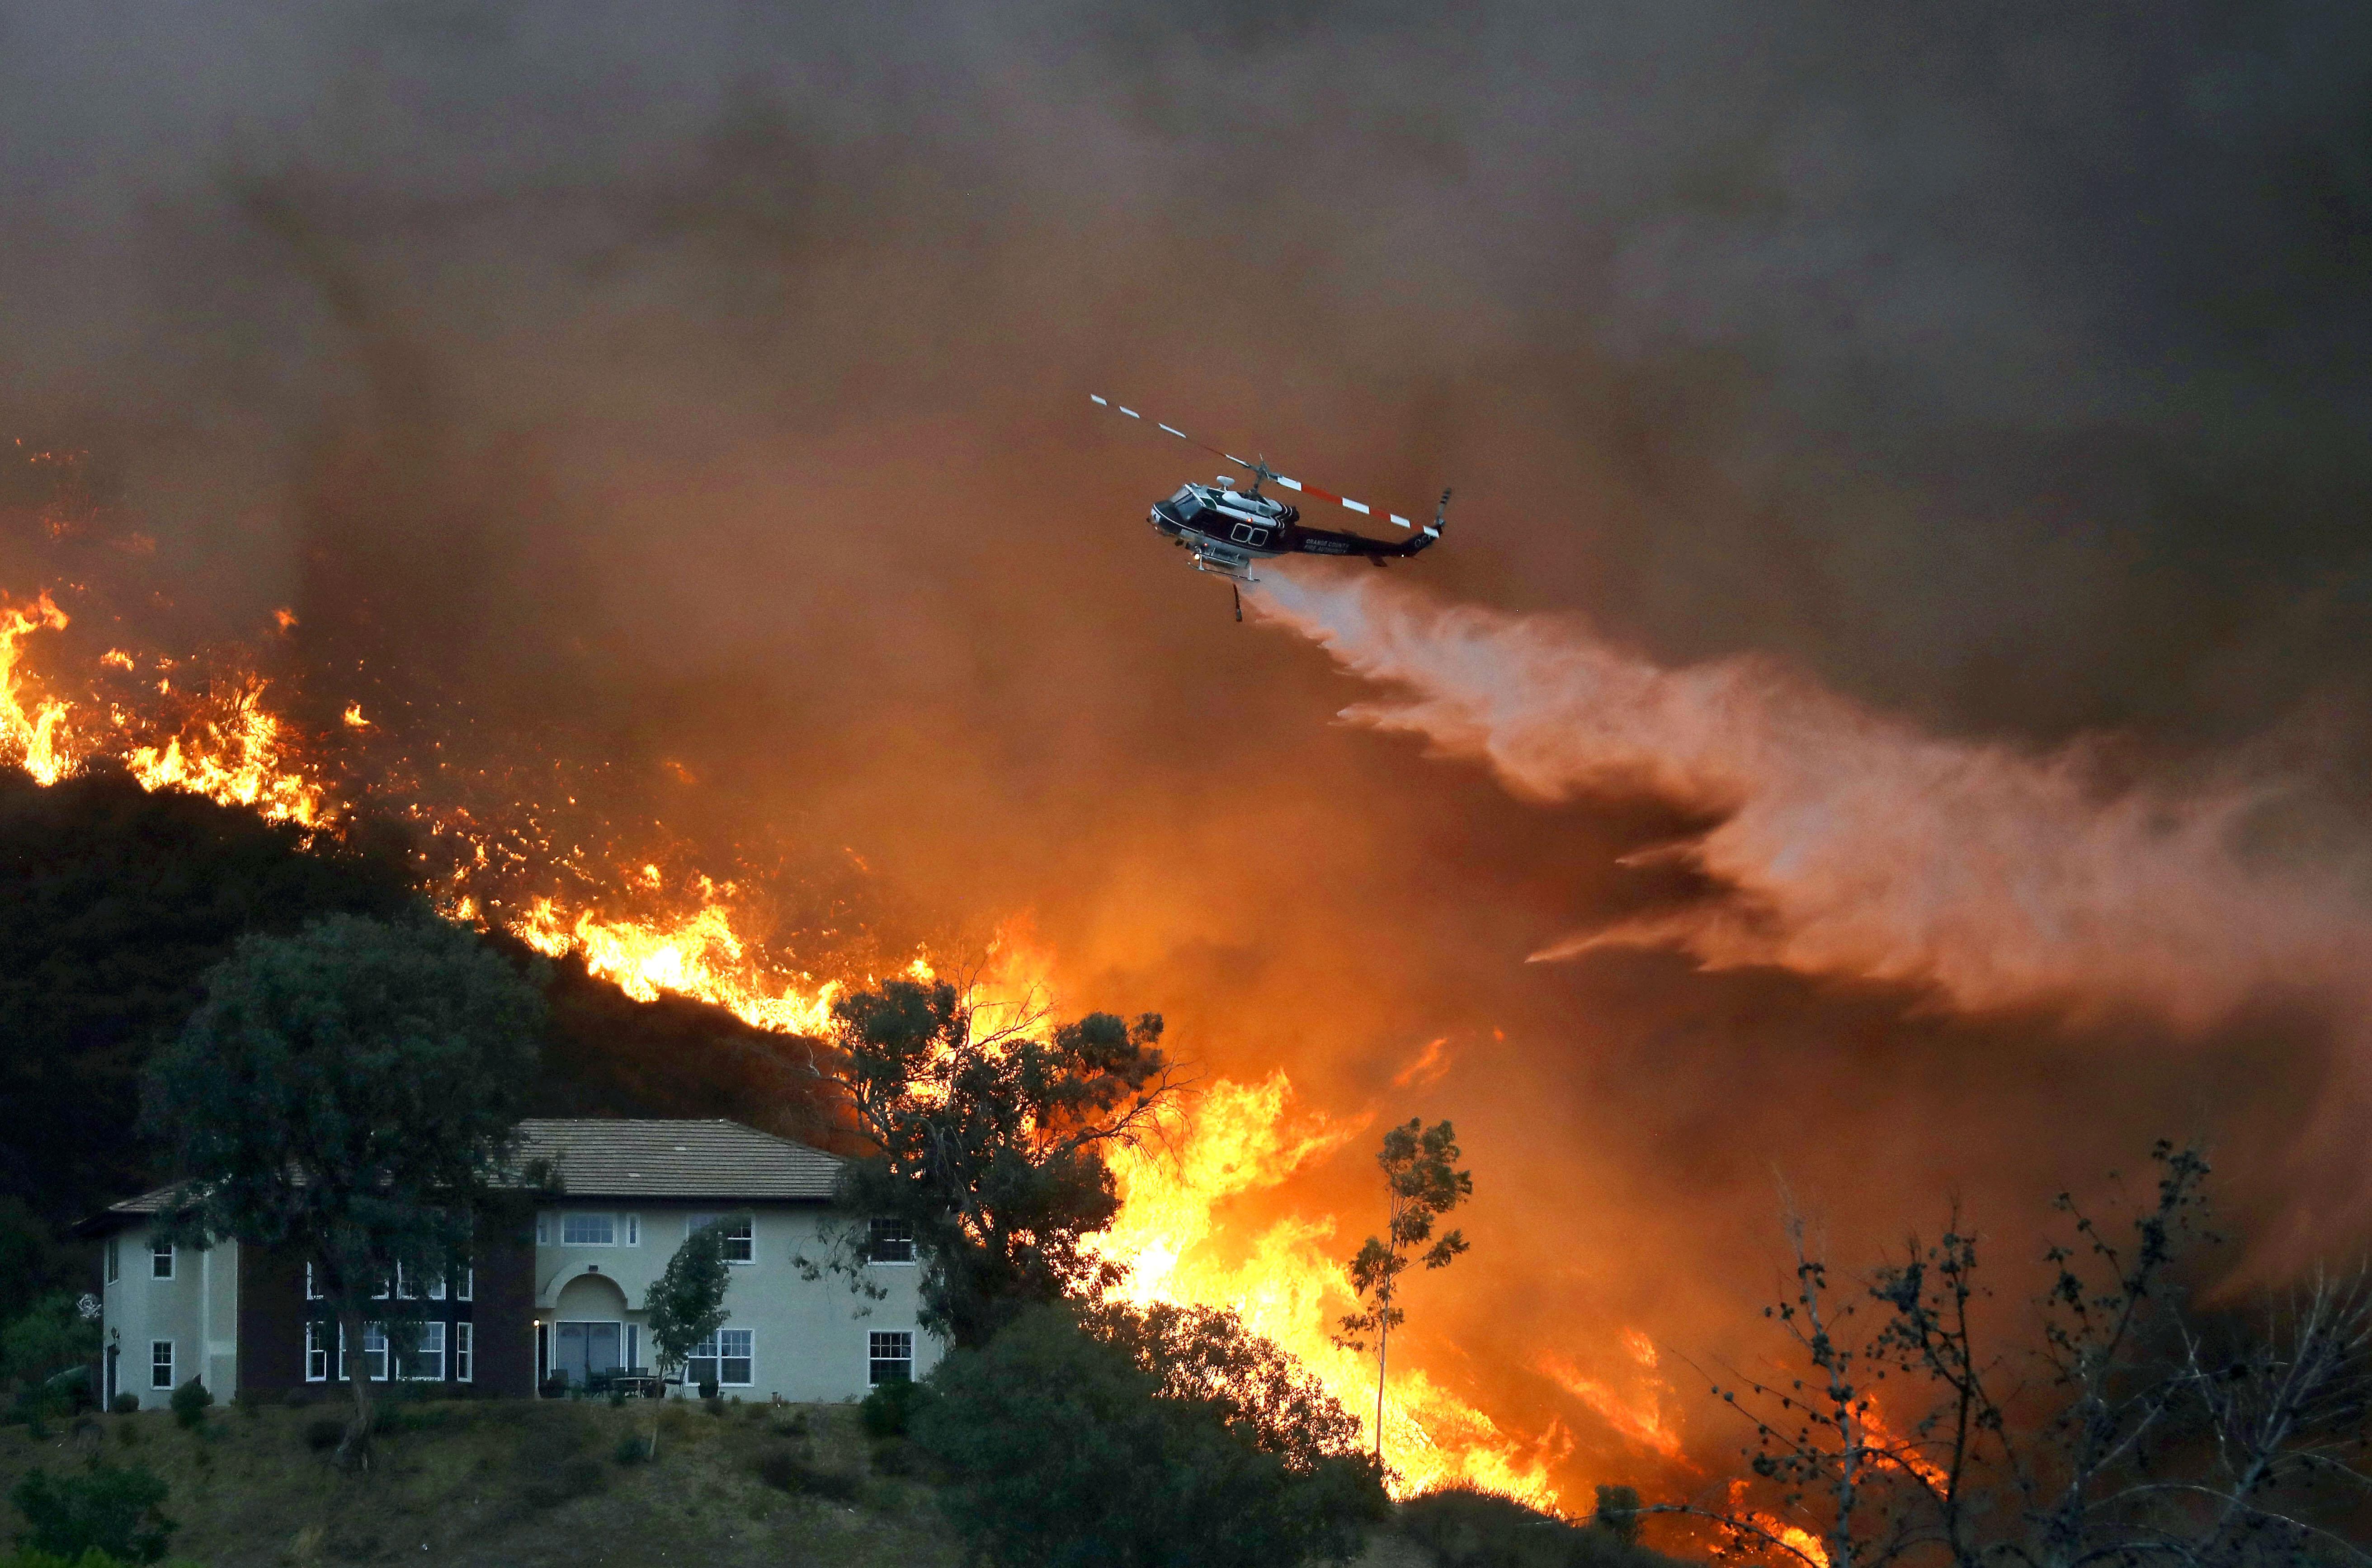 Egyre gyakoribbak lesznek a mindent felemésztő megatüzek, és ezt magunknak köszönhetjük